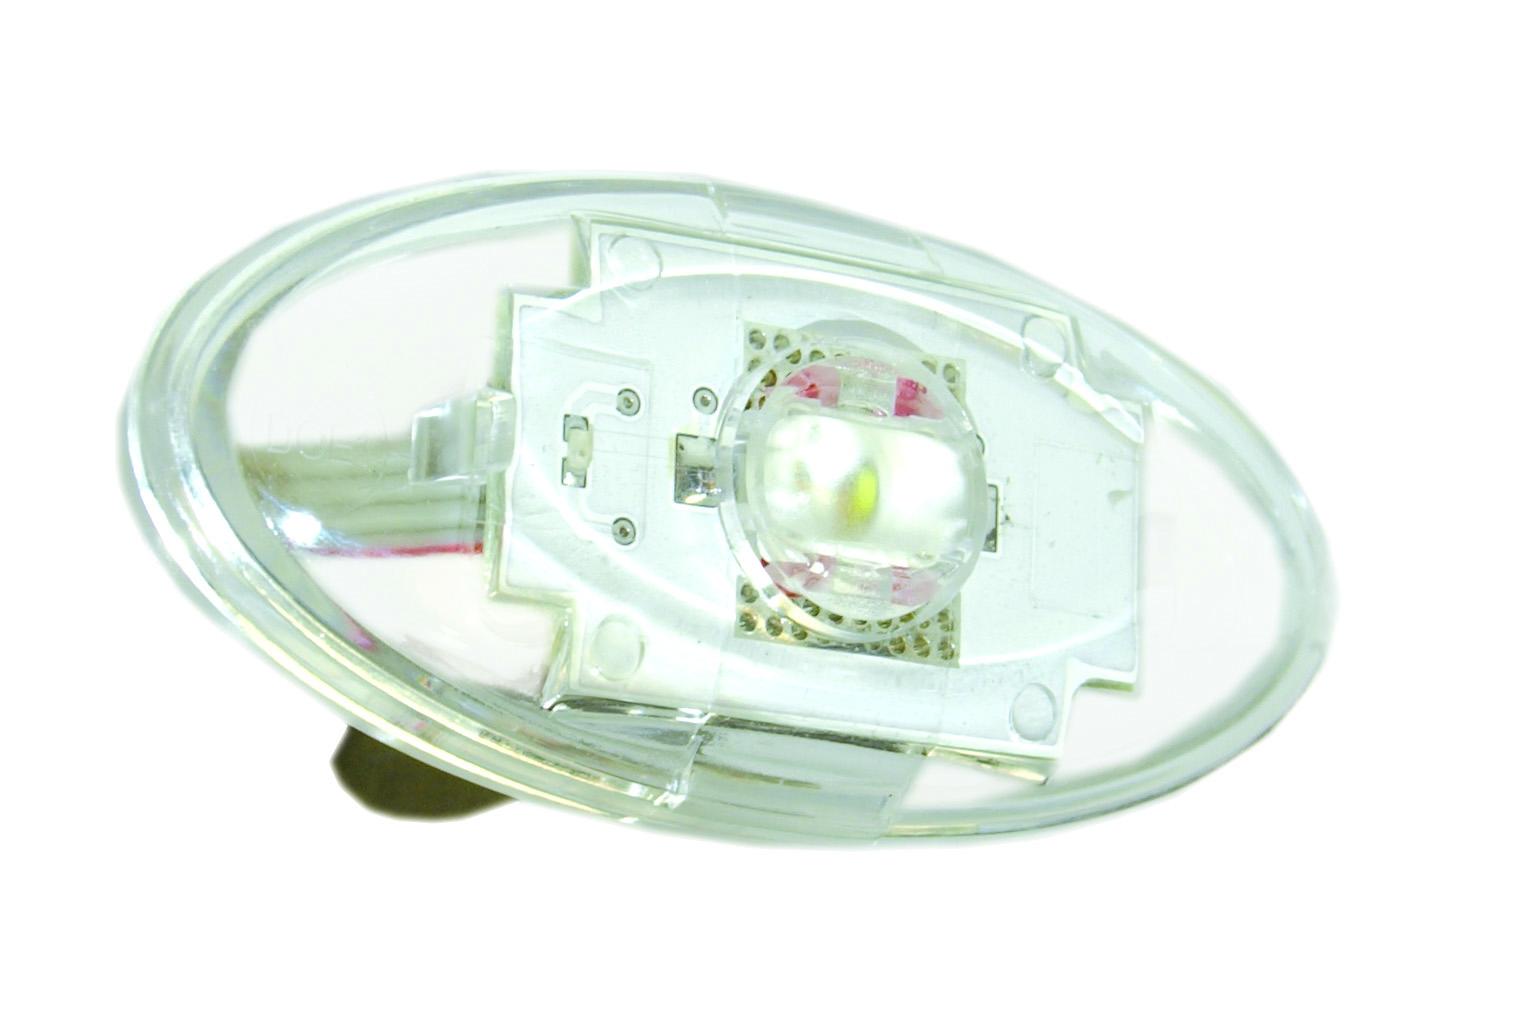 Notleuchte DO Wireless 1W ERT-LED 3h 230VAC, Funk schaltbar